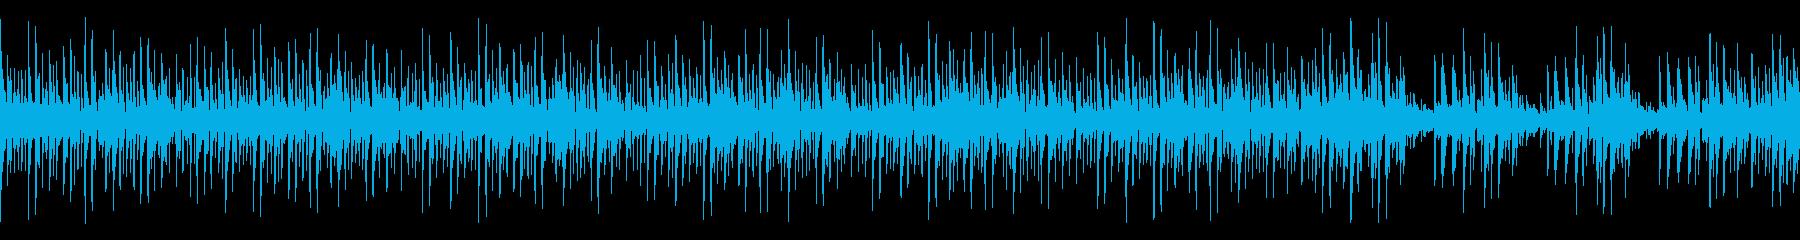 ミステリアスなインスト(ループ)の再生済みの波形